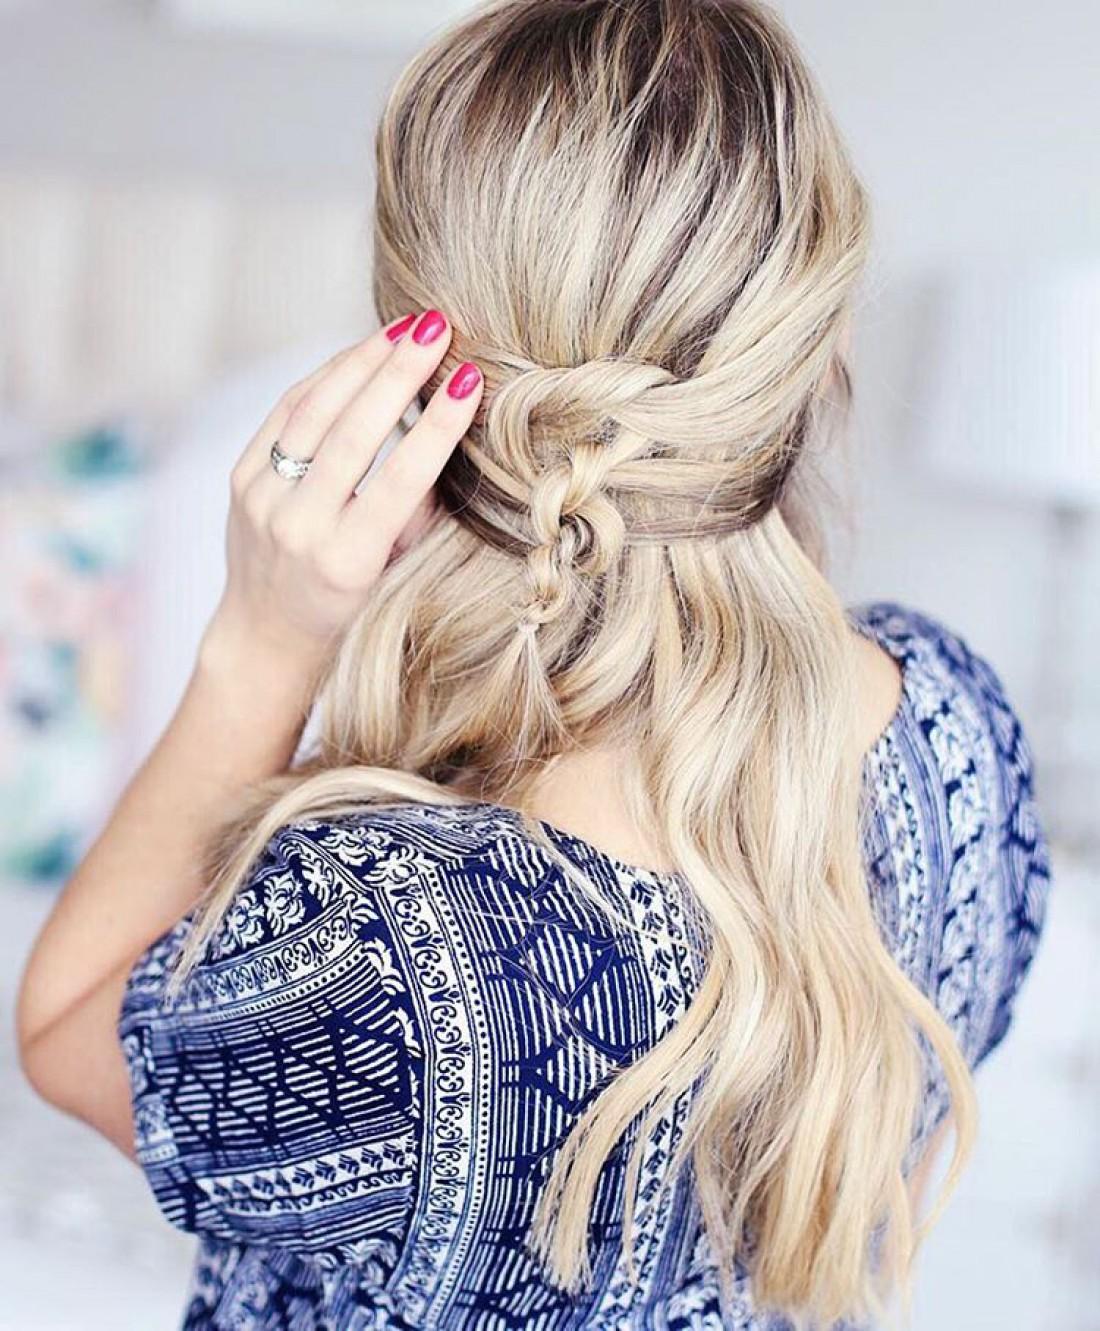 Волосы — это самое дорогое украшение женщины